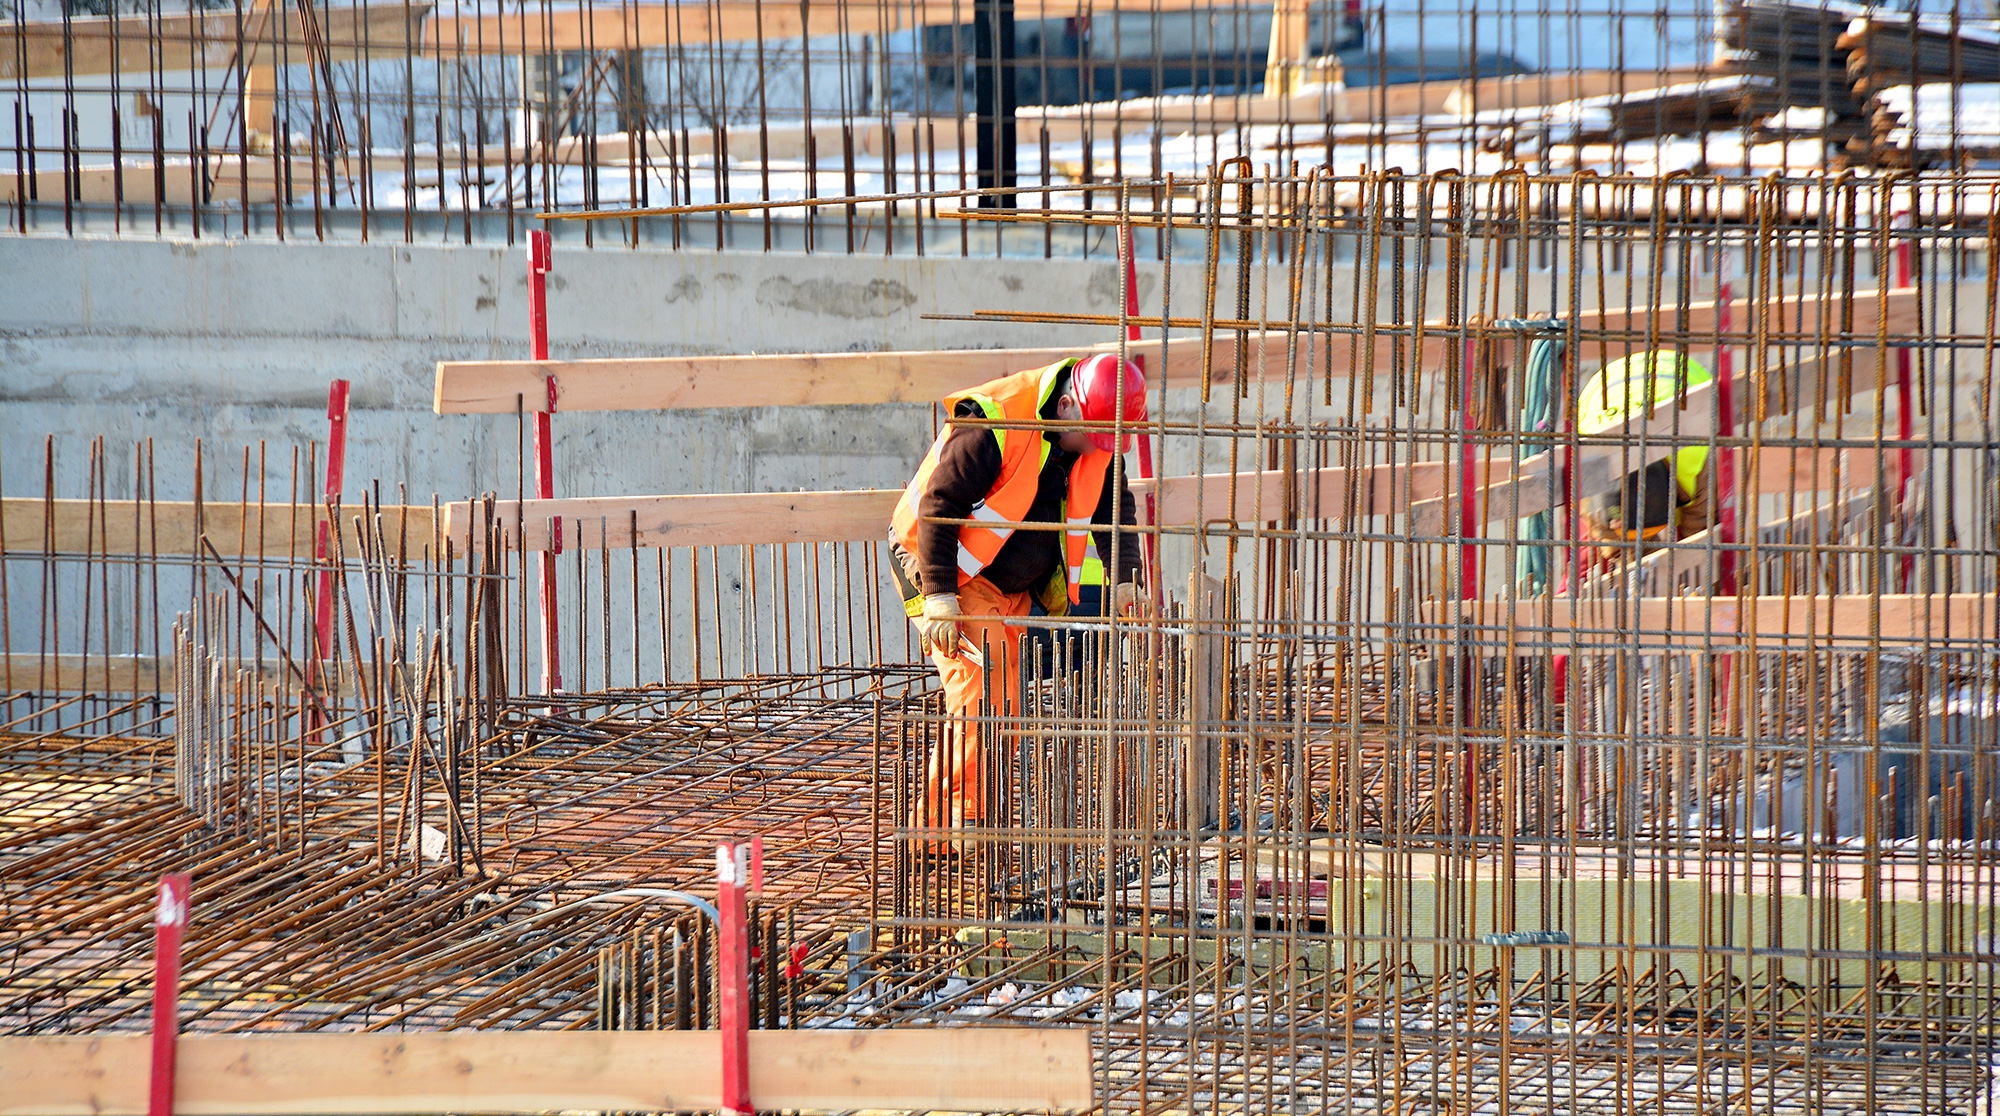 Das öffentliche Baurecht muss beim Bauen beachtet werden